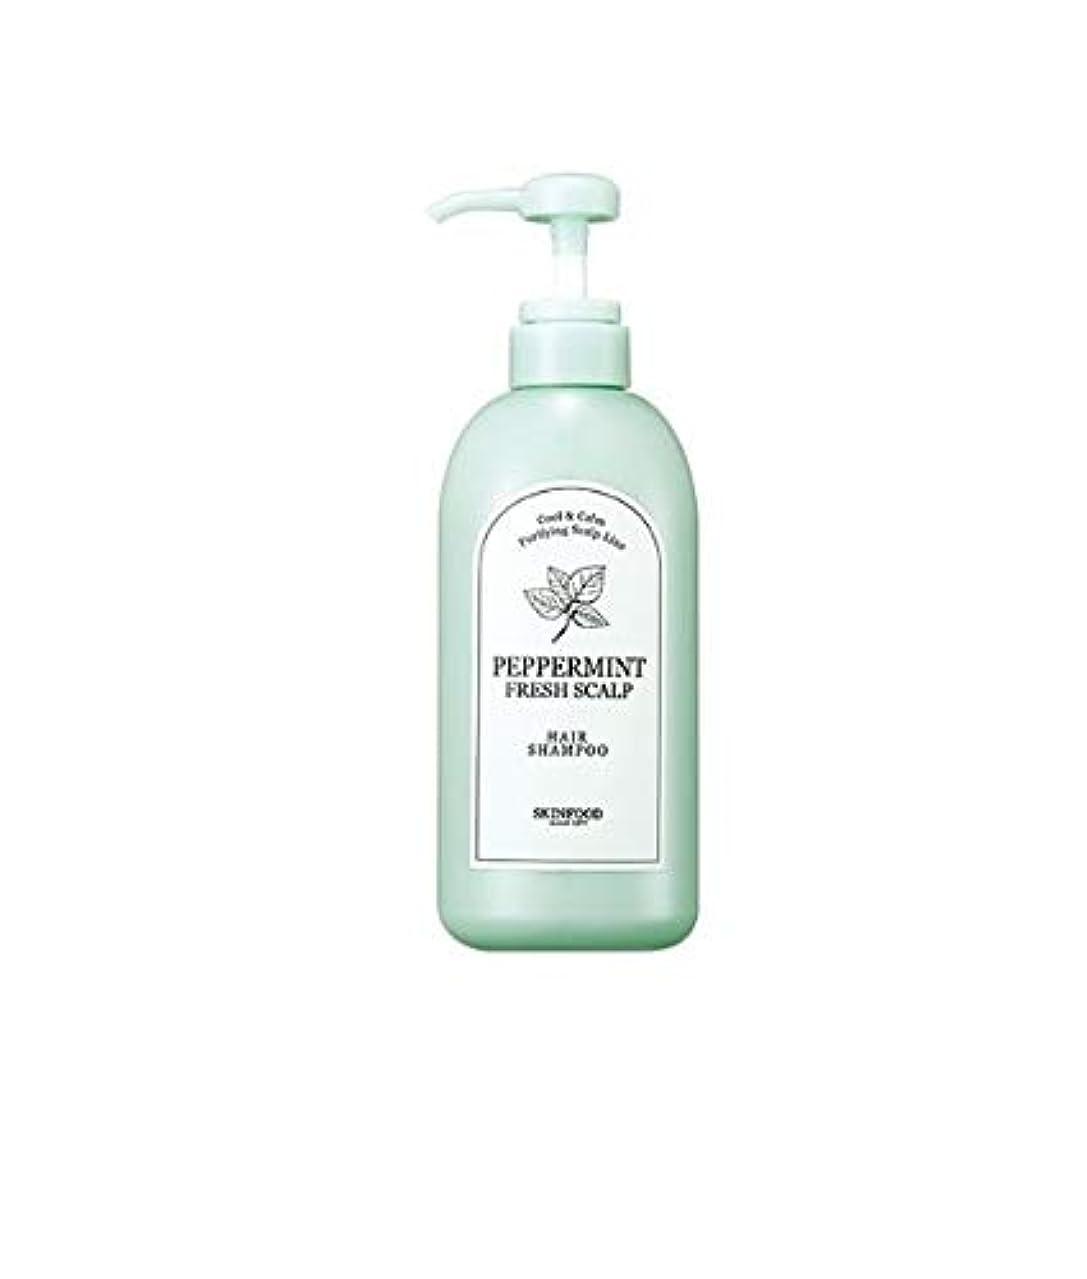 免疫する政権インタフェースSkinfood ペパーミントフレッシュスカルプシャンプー/Peppermint Fresh Scalp Shampoo 500ml [並行輸入品]